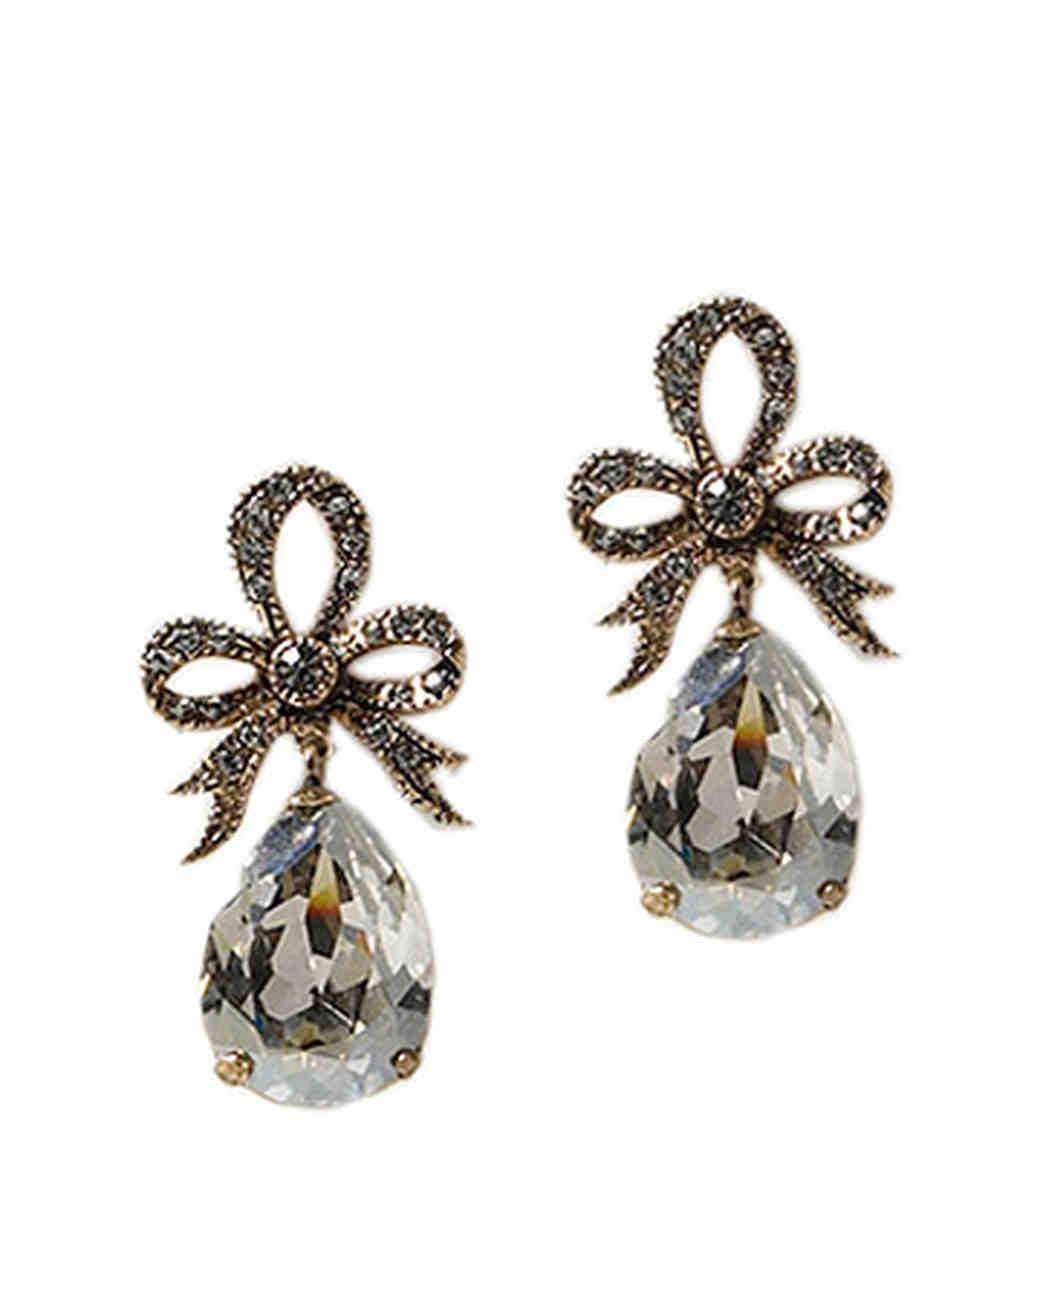 wd104606_spr09_jewelry39.jpg